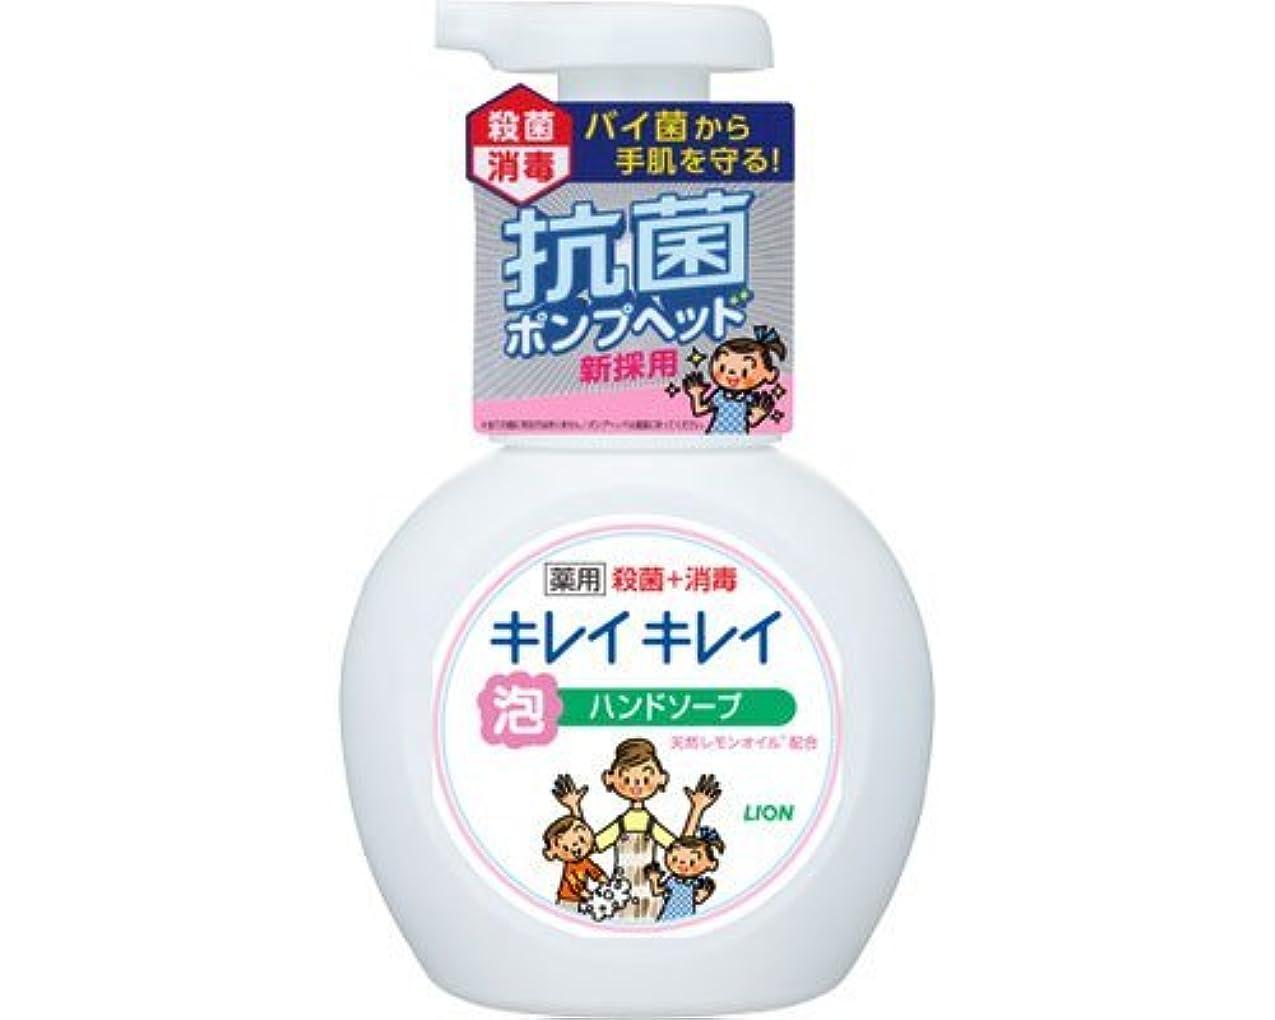 緩める近代化する報酬キレイキレイ薬用泡ハンドソープ 250mLポンプ (ライオン) (手指洗浄)